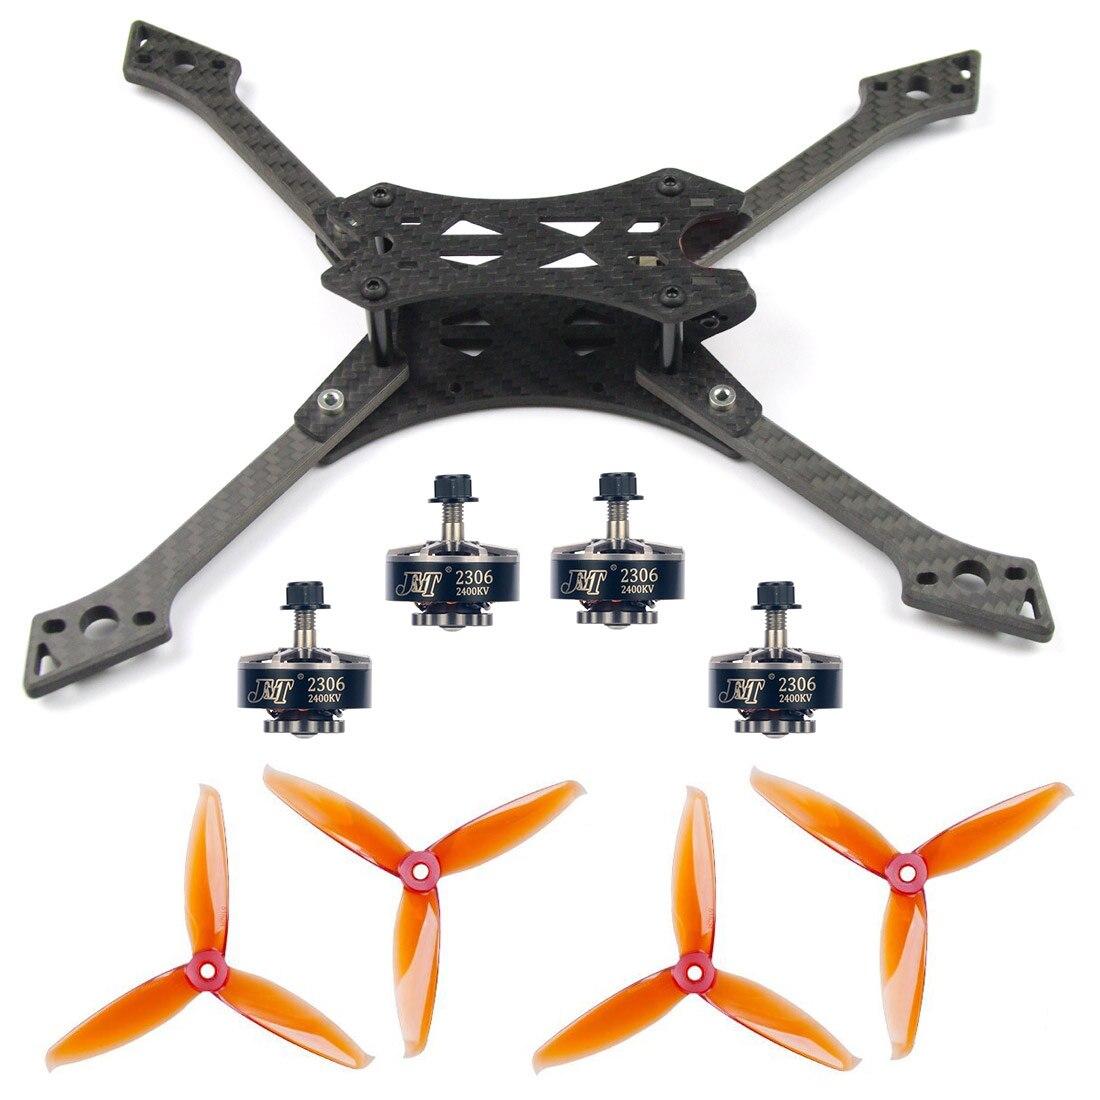 JMT 220 MM bricolage FPV course Drone Kit 220mm en Fiber de carbone cadre ensembles 5152 S CW CCW hélices 2306-2400KV 3-4 S moteurs pièce de rechange